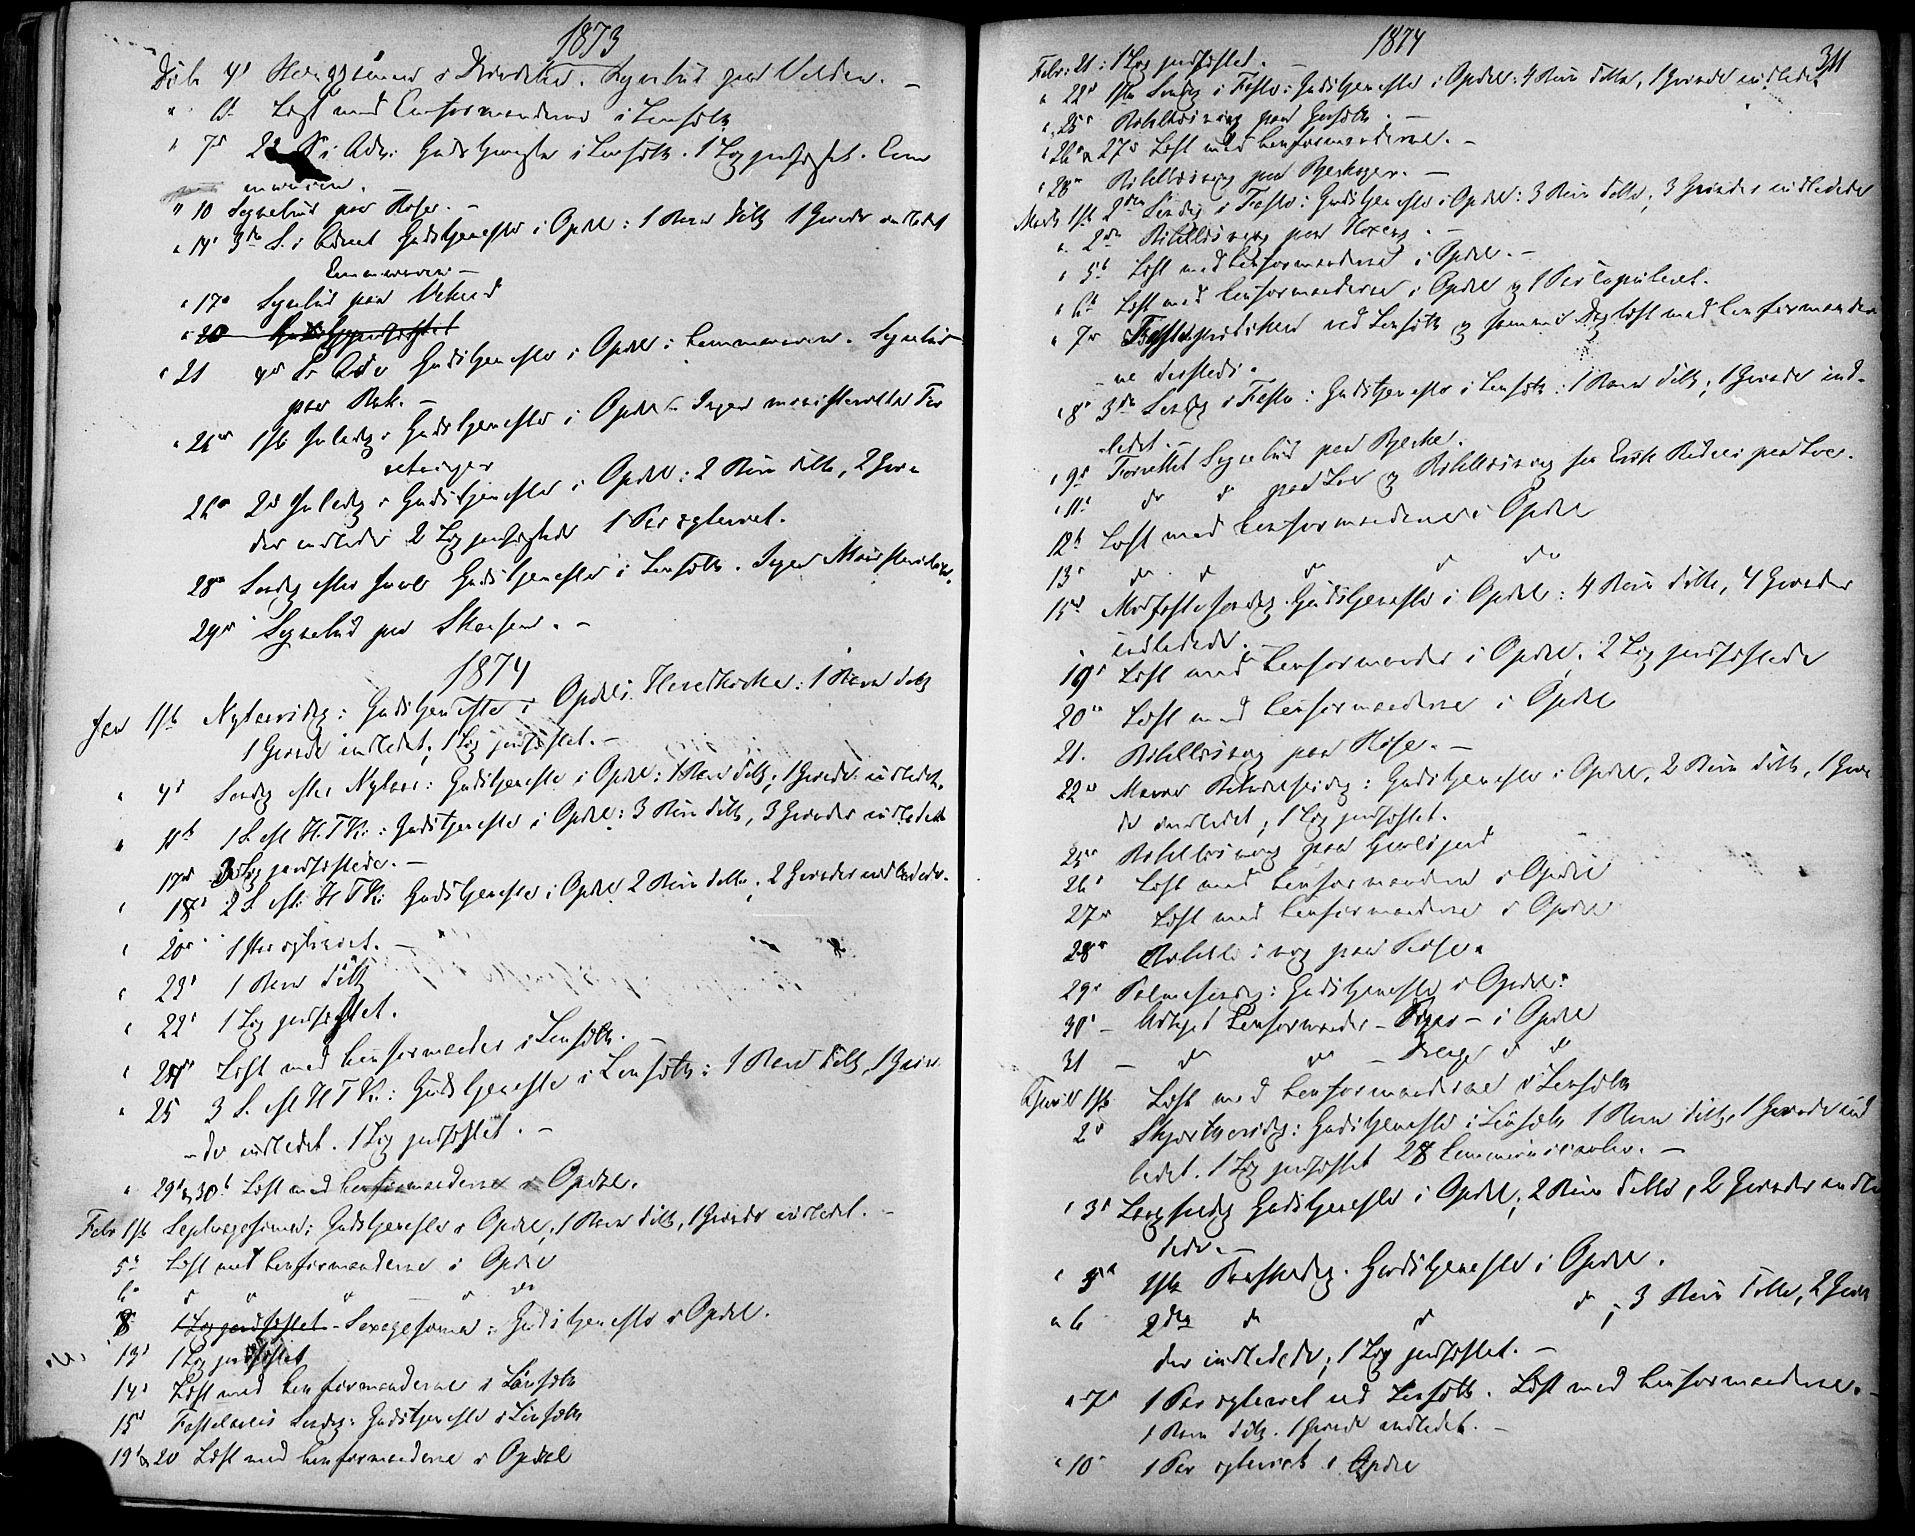 SAT, Ministerialprotokoller, klokkerbøker og fødselsregistre - Sør-Trøndelag, 678/L0900: Ministerialbok nr. 678A09, 1872-1881, s. 311